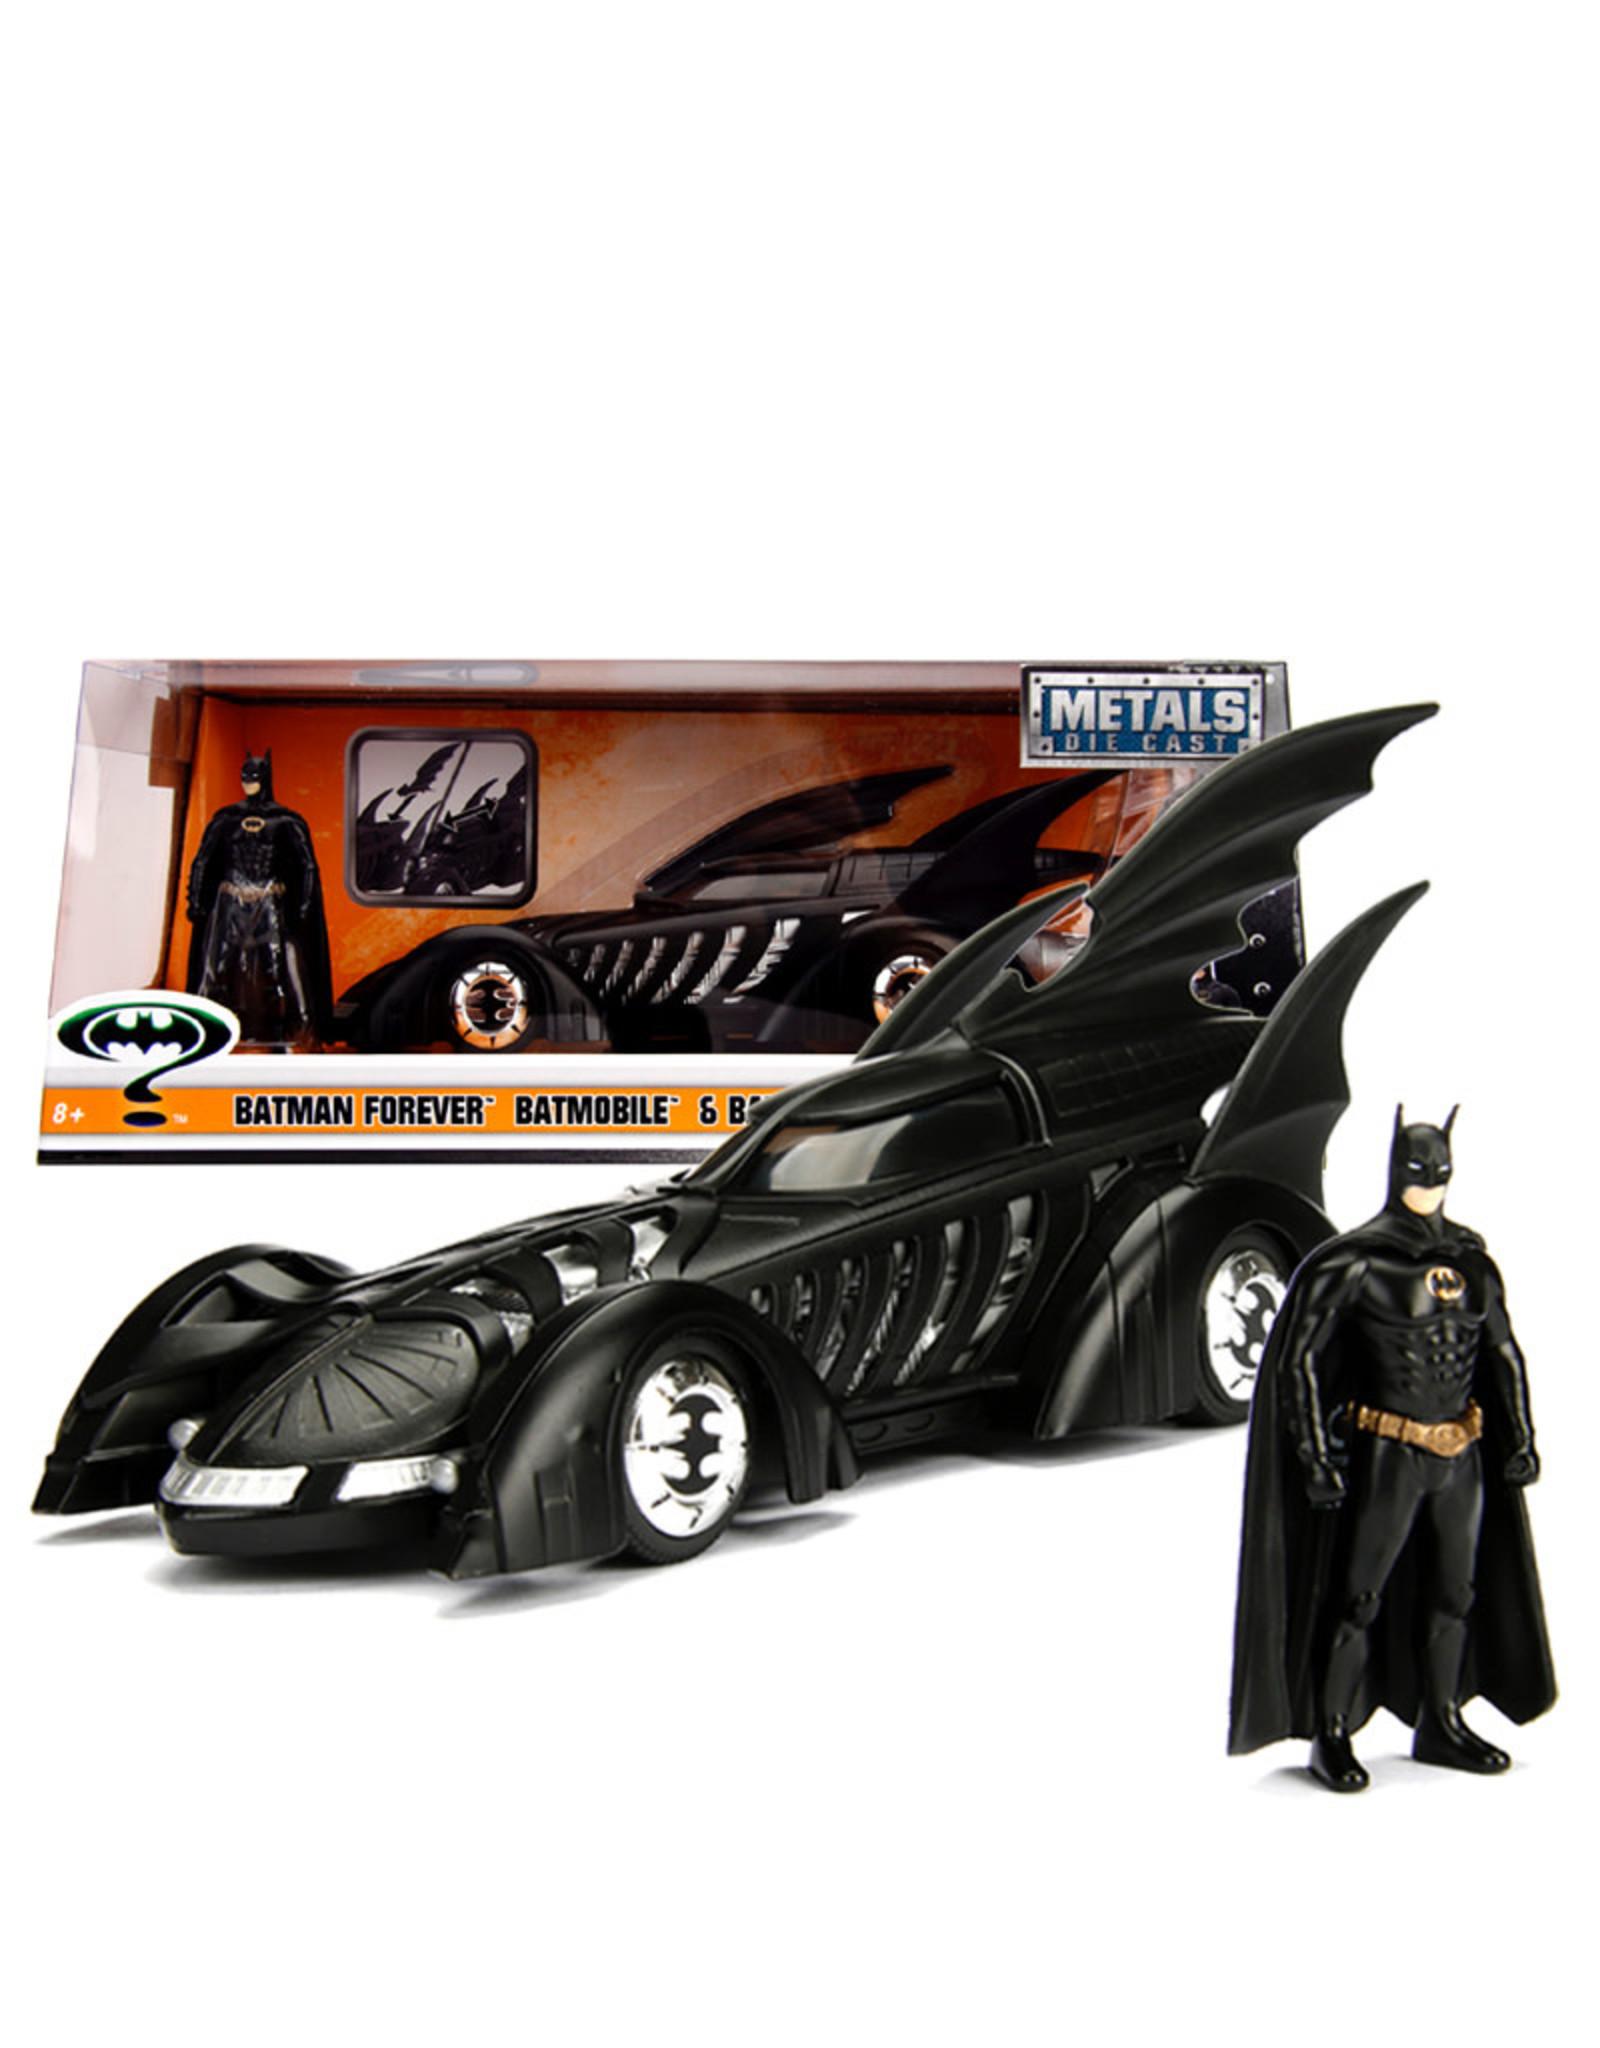 Dc Comics Batman ( Voiture de collection en métal 1:24 ) à jamais  Batmobile